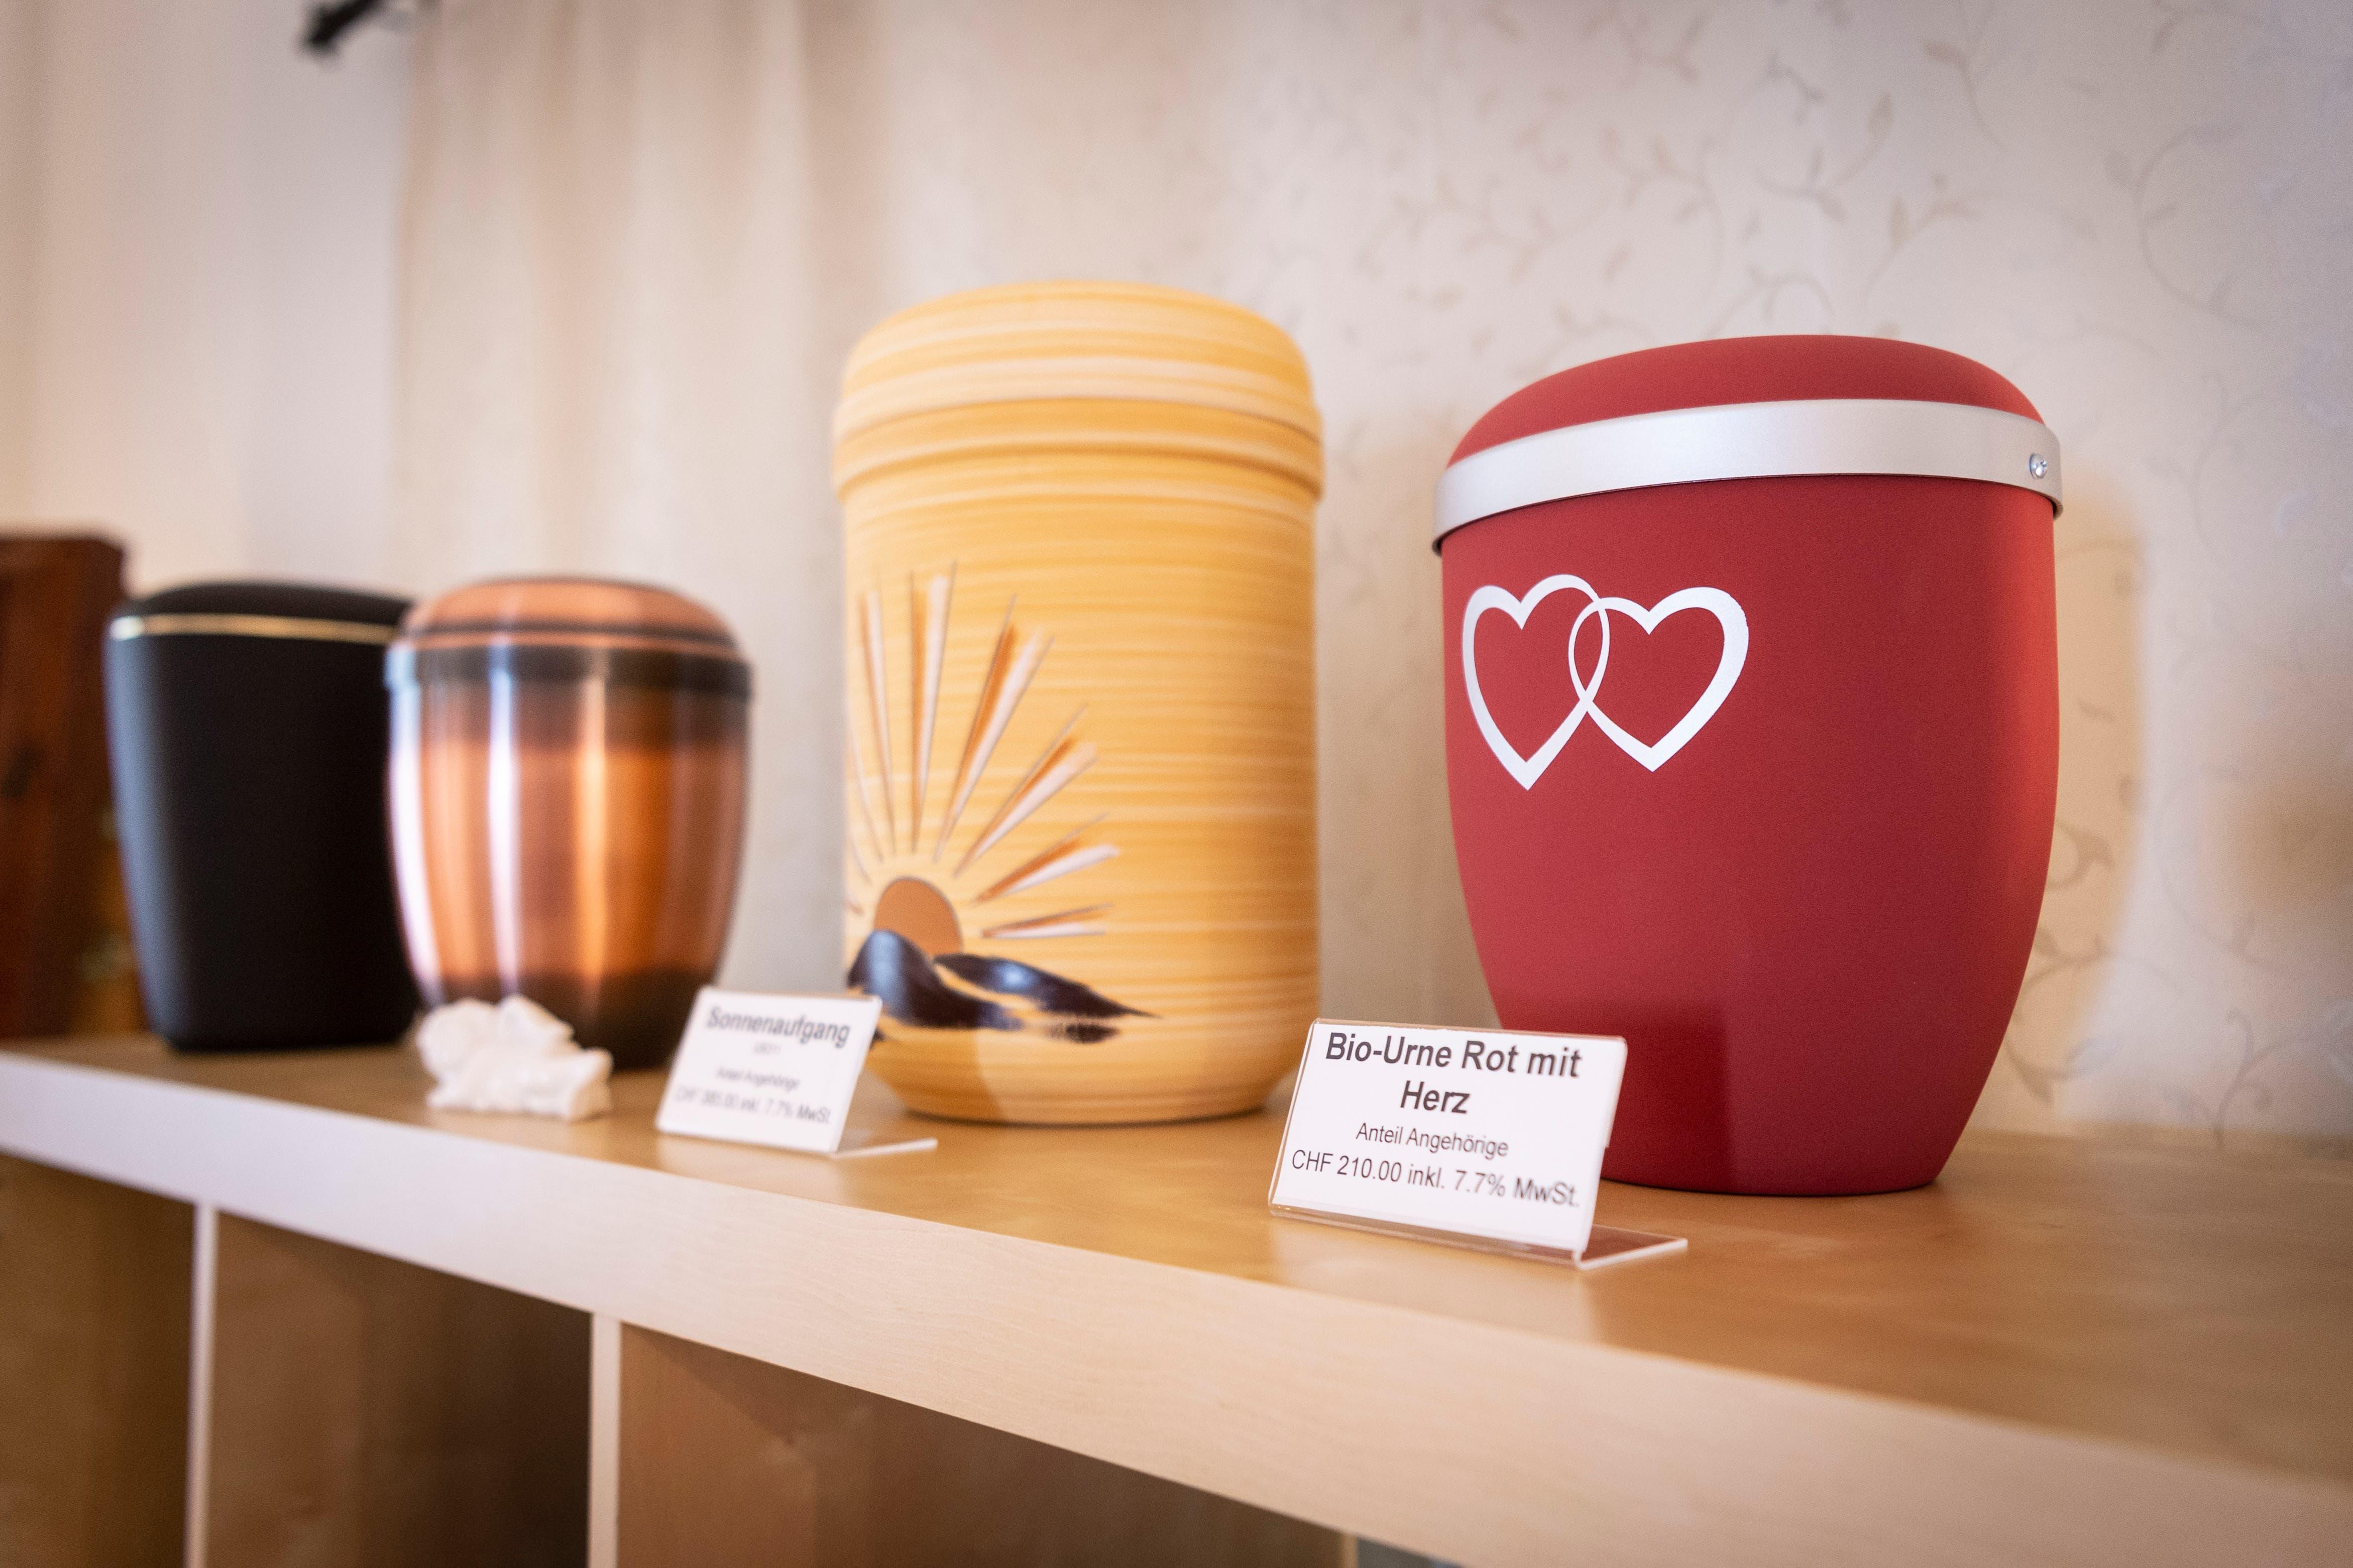 Holz, Keramik oder Stein: Bei Keller Bestattungen gibt es über 70 verschiedene Urnen.